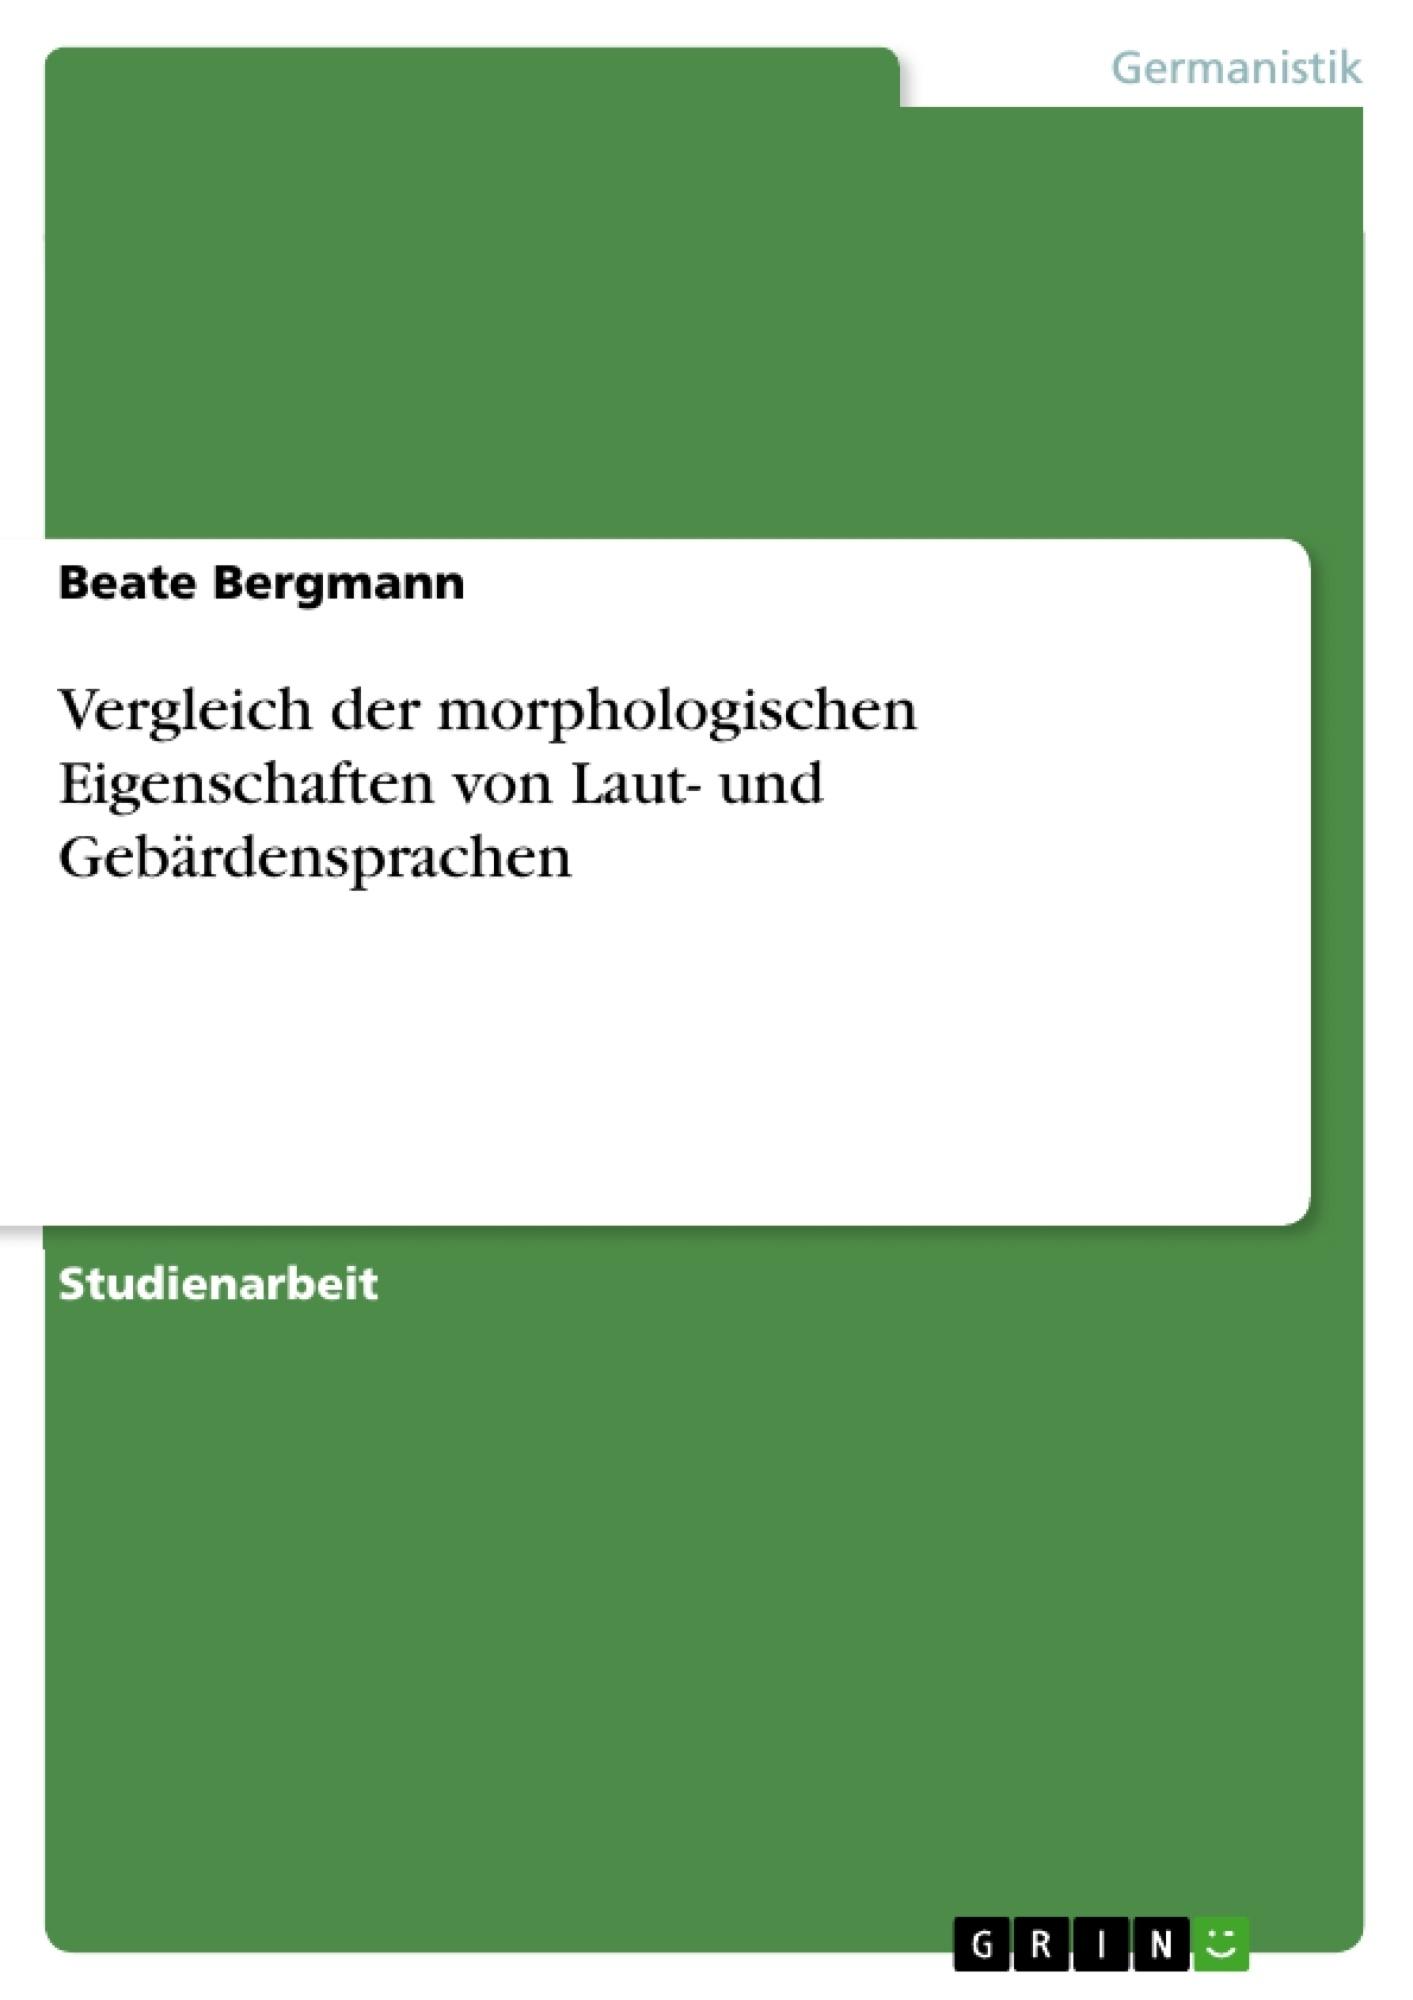 Titel: Vergleich der morphologischen Eigenschaften von Laut- und Gebärdensprachen